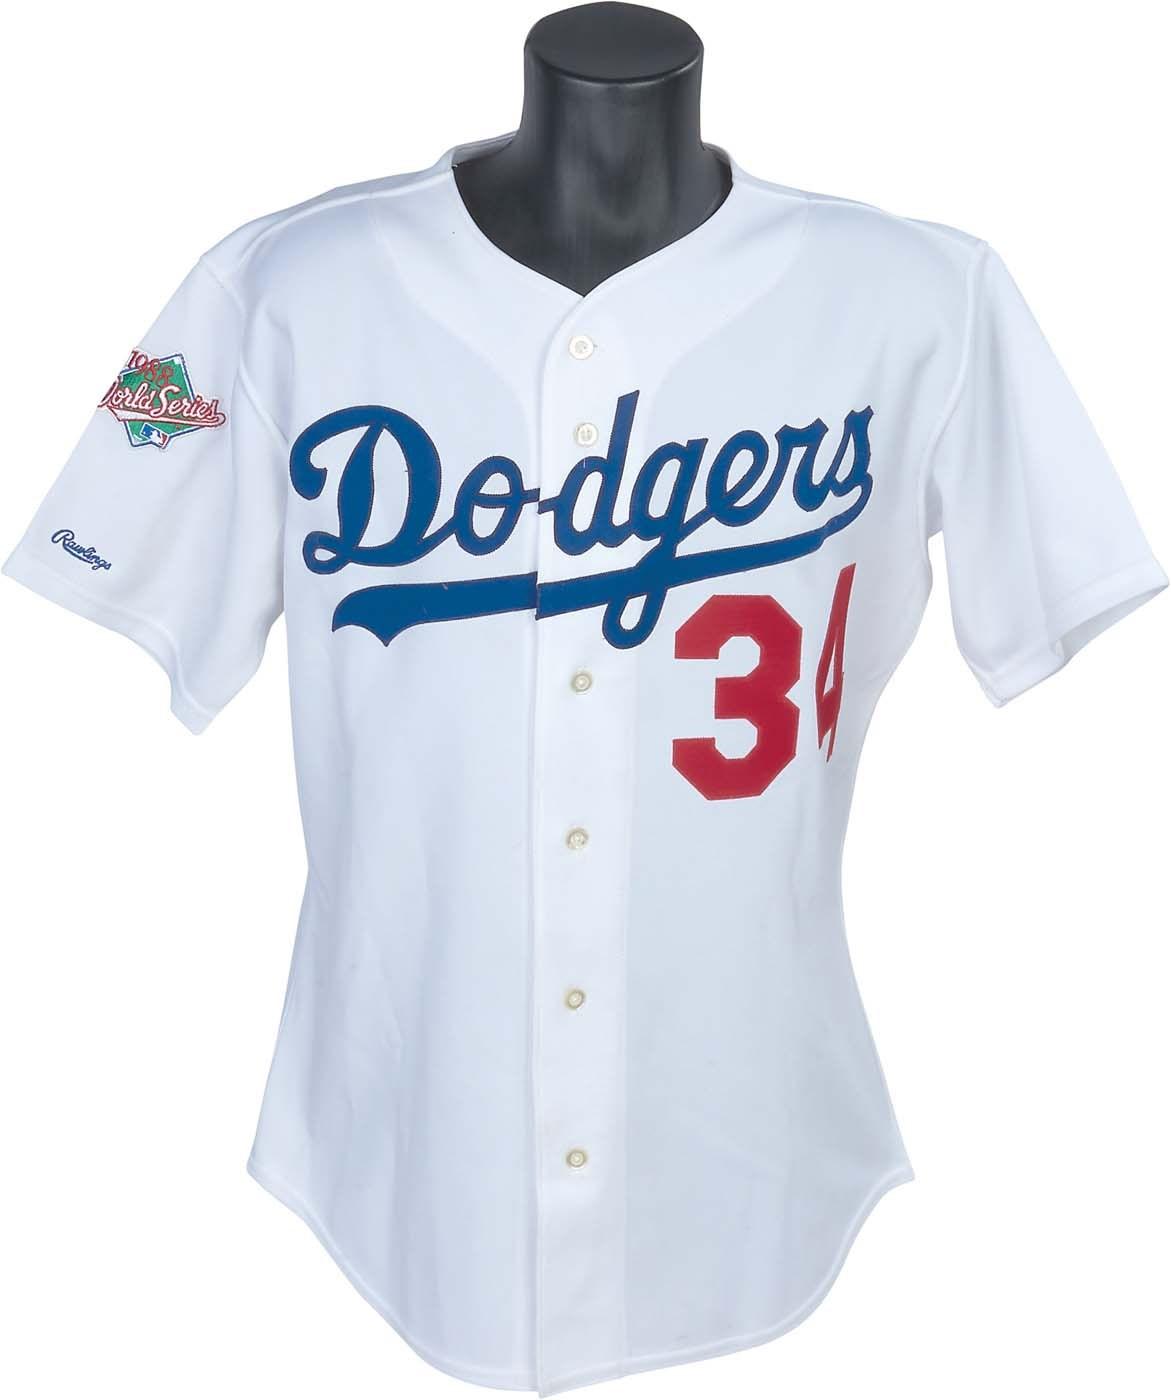 ca1d04ab7 1988 World Series Champion Fernando Valenzuela Game Worn Dodgers Jersey